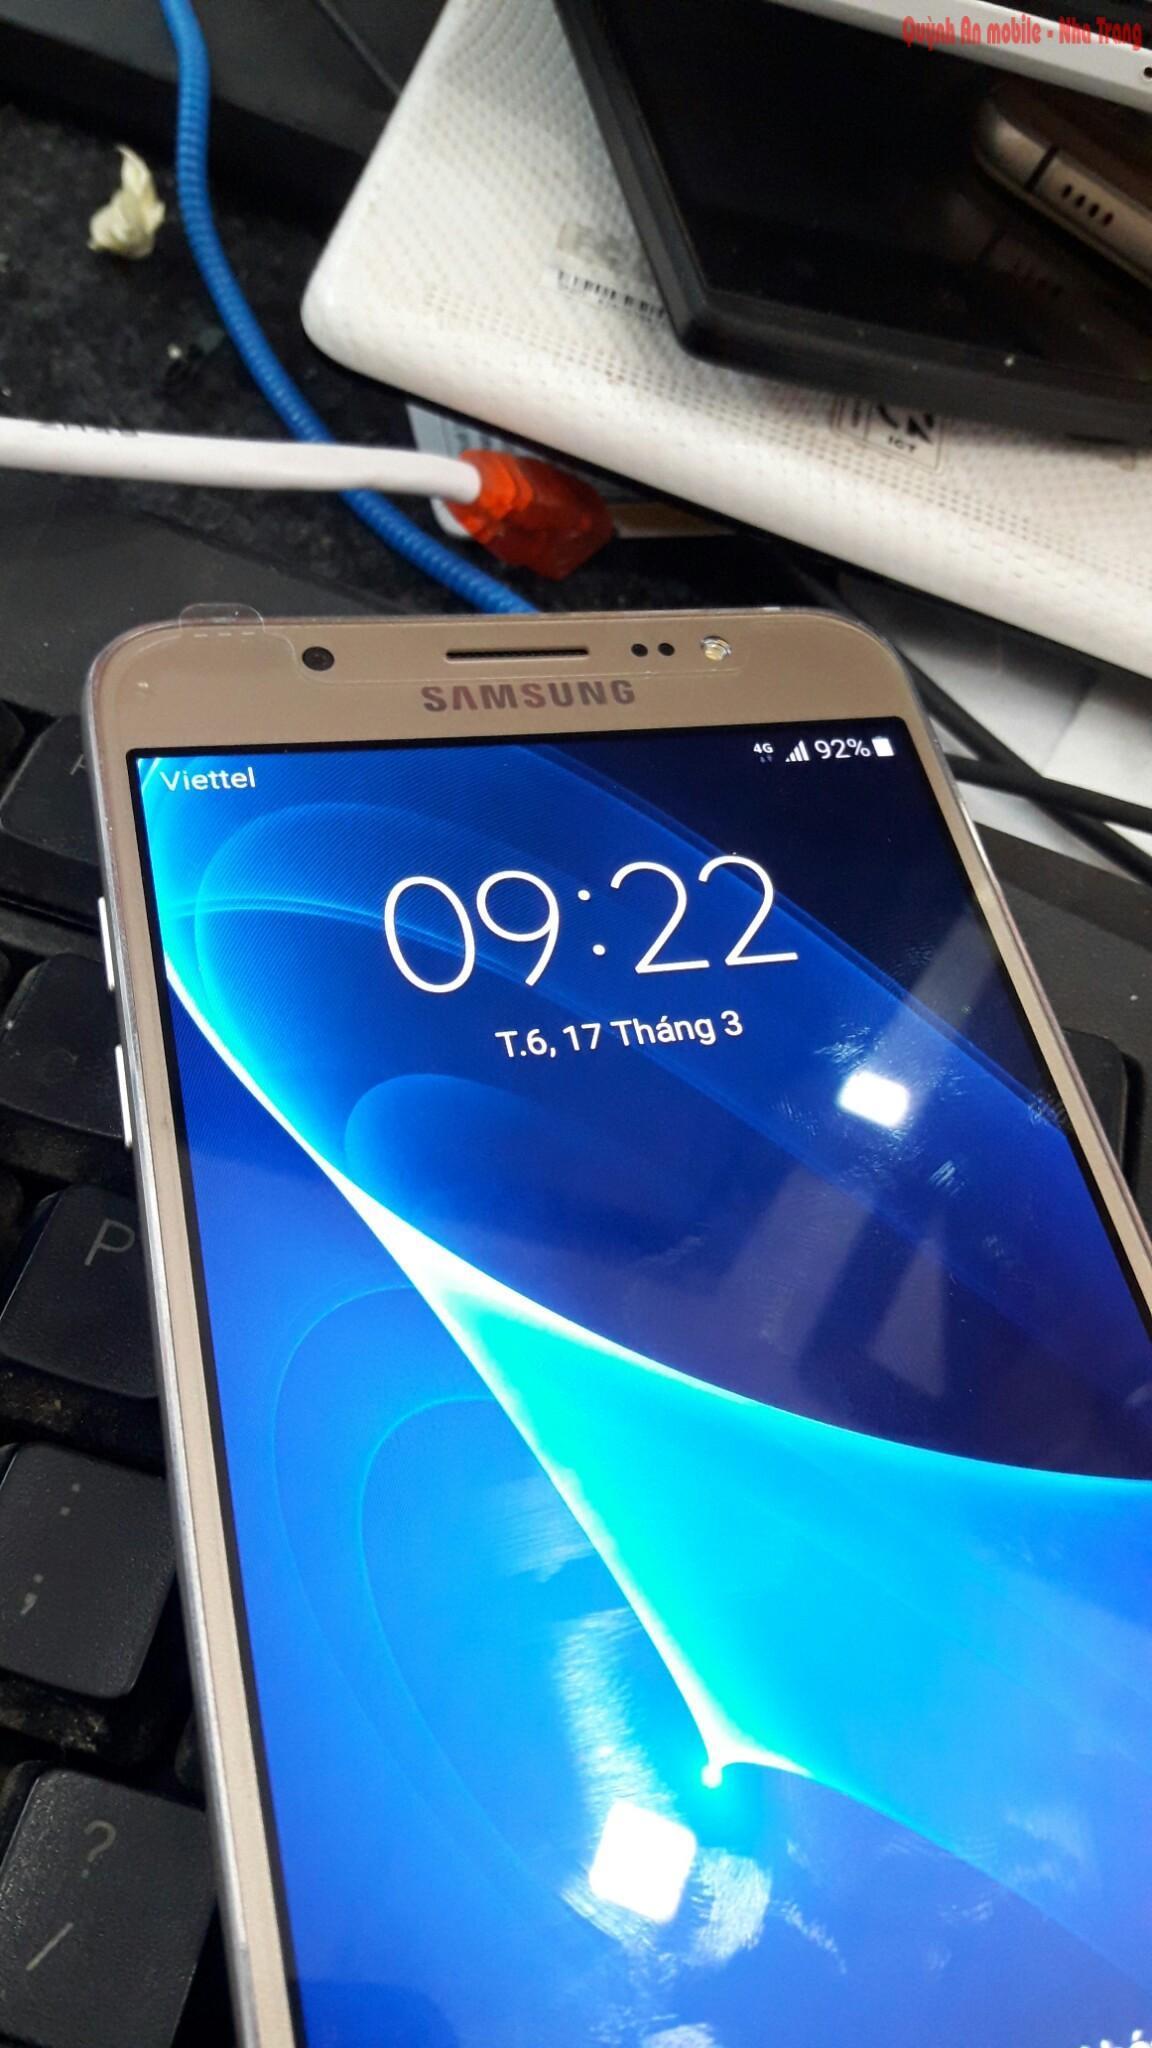 Samsung SM J710F sau khi được unlock sẽ nhận full sóng các nhà mạng tại Việt Nam, kể cả sóng 4G